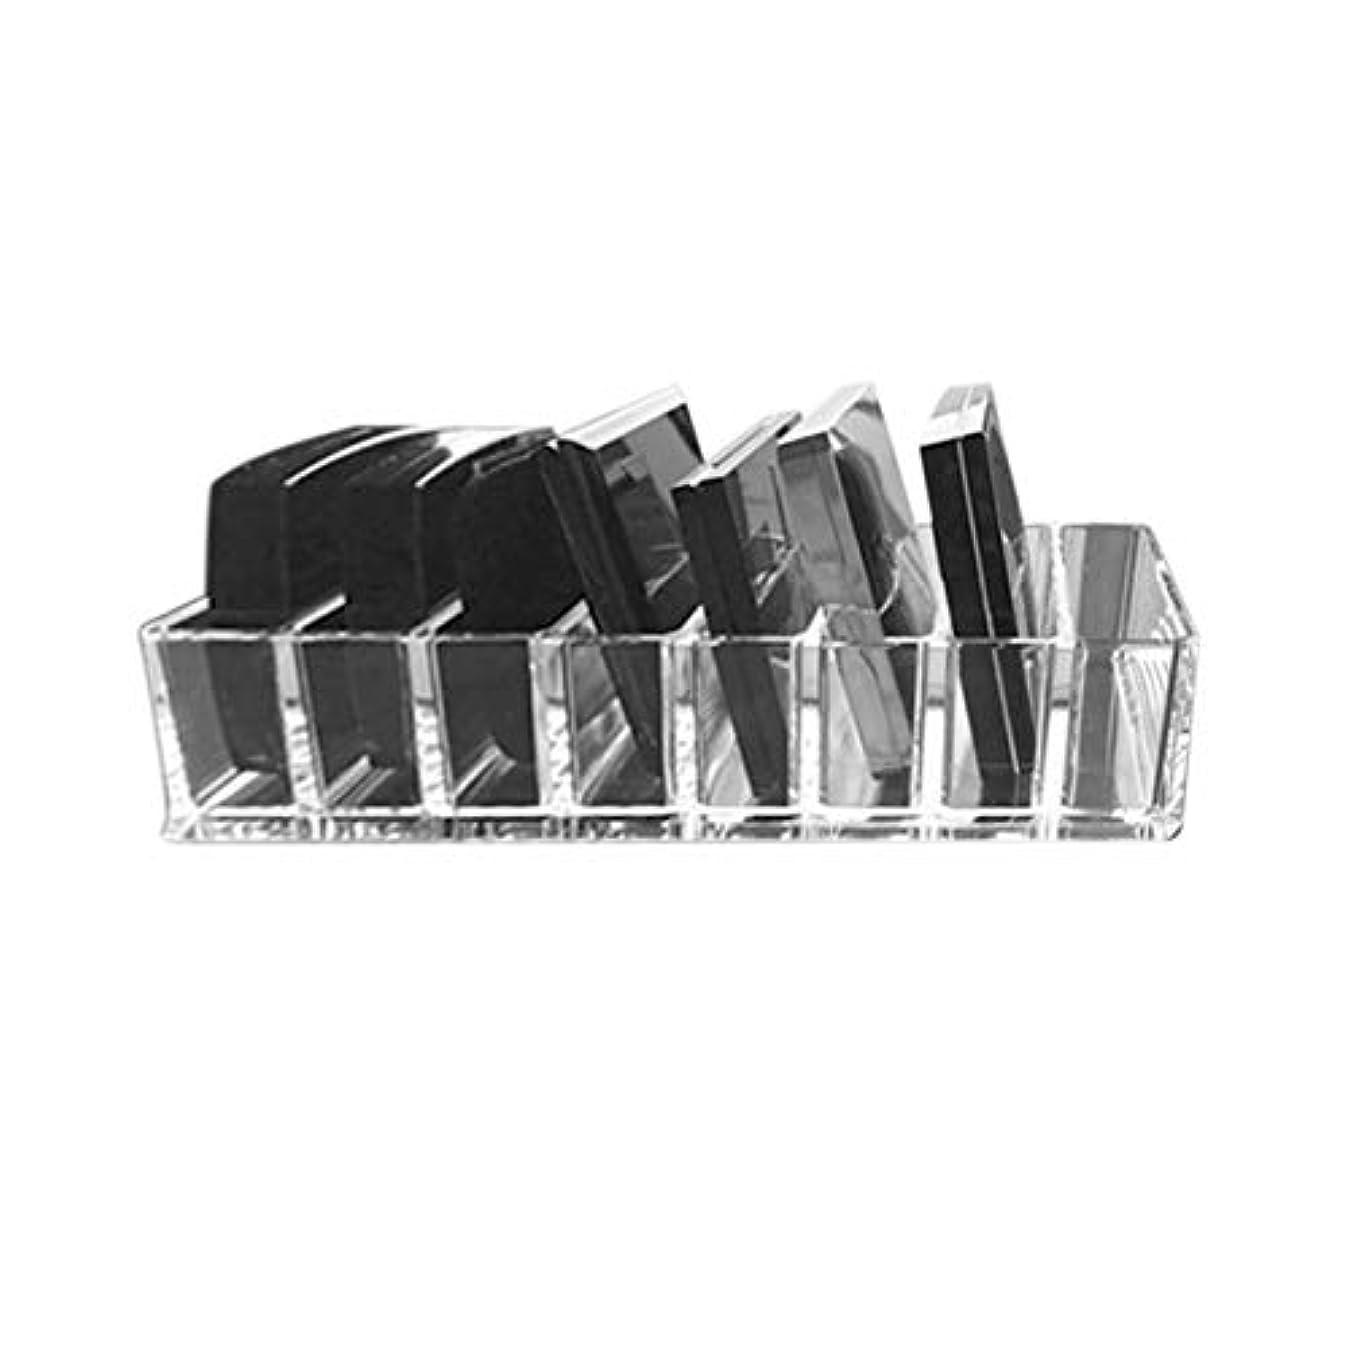 品インストールシャーロットブロンテSaikogoods 実用的な透明アクリルメイクアレンジストレージボックスリップスティックホルダー透明なマルチスロットデスクトップ化粧品オーガナイザー トランスペアレント